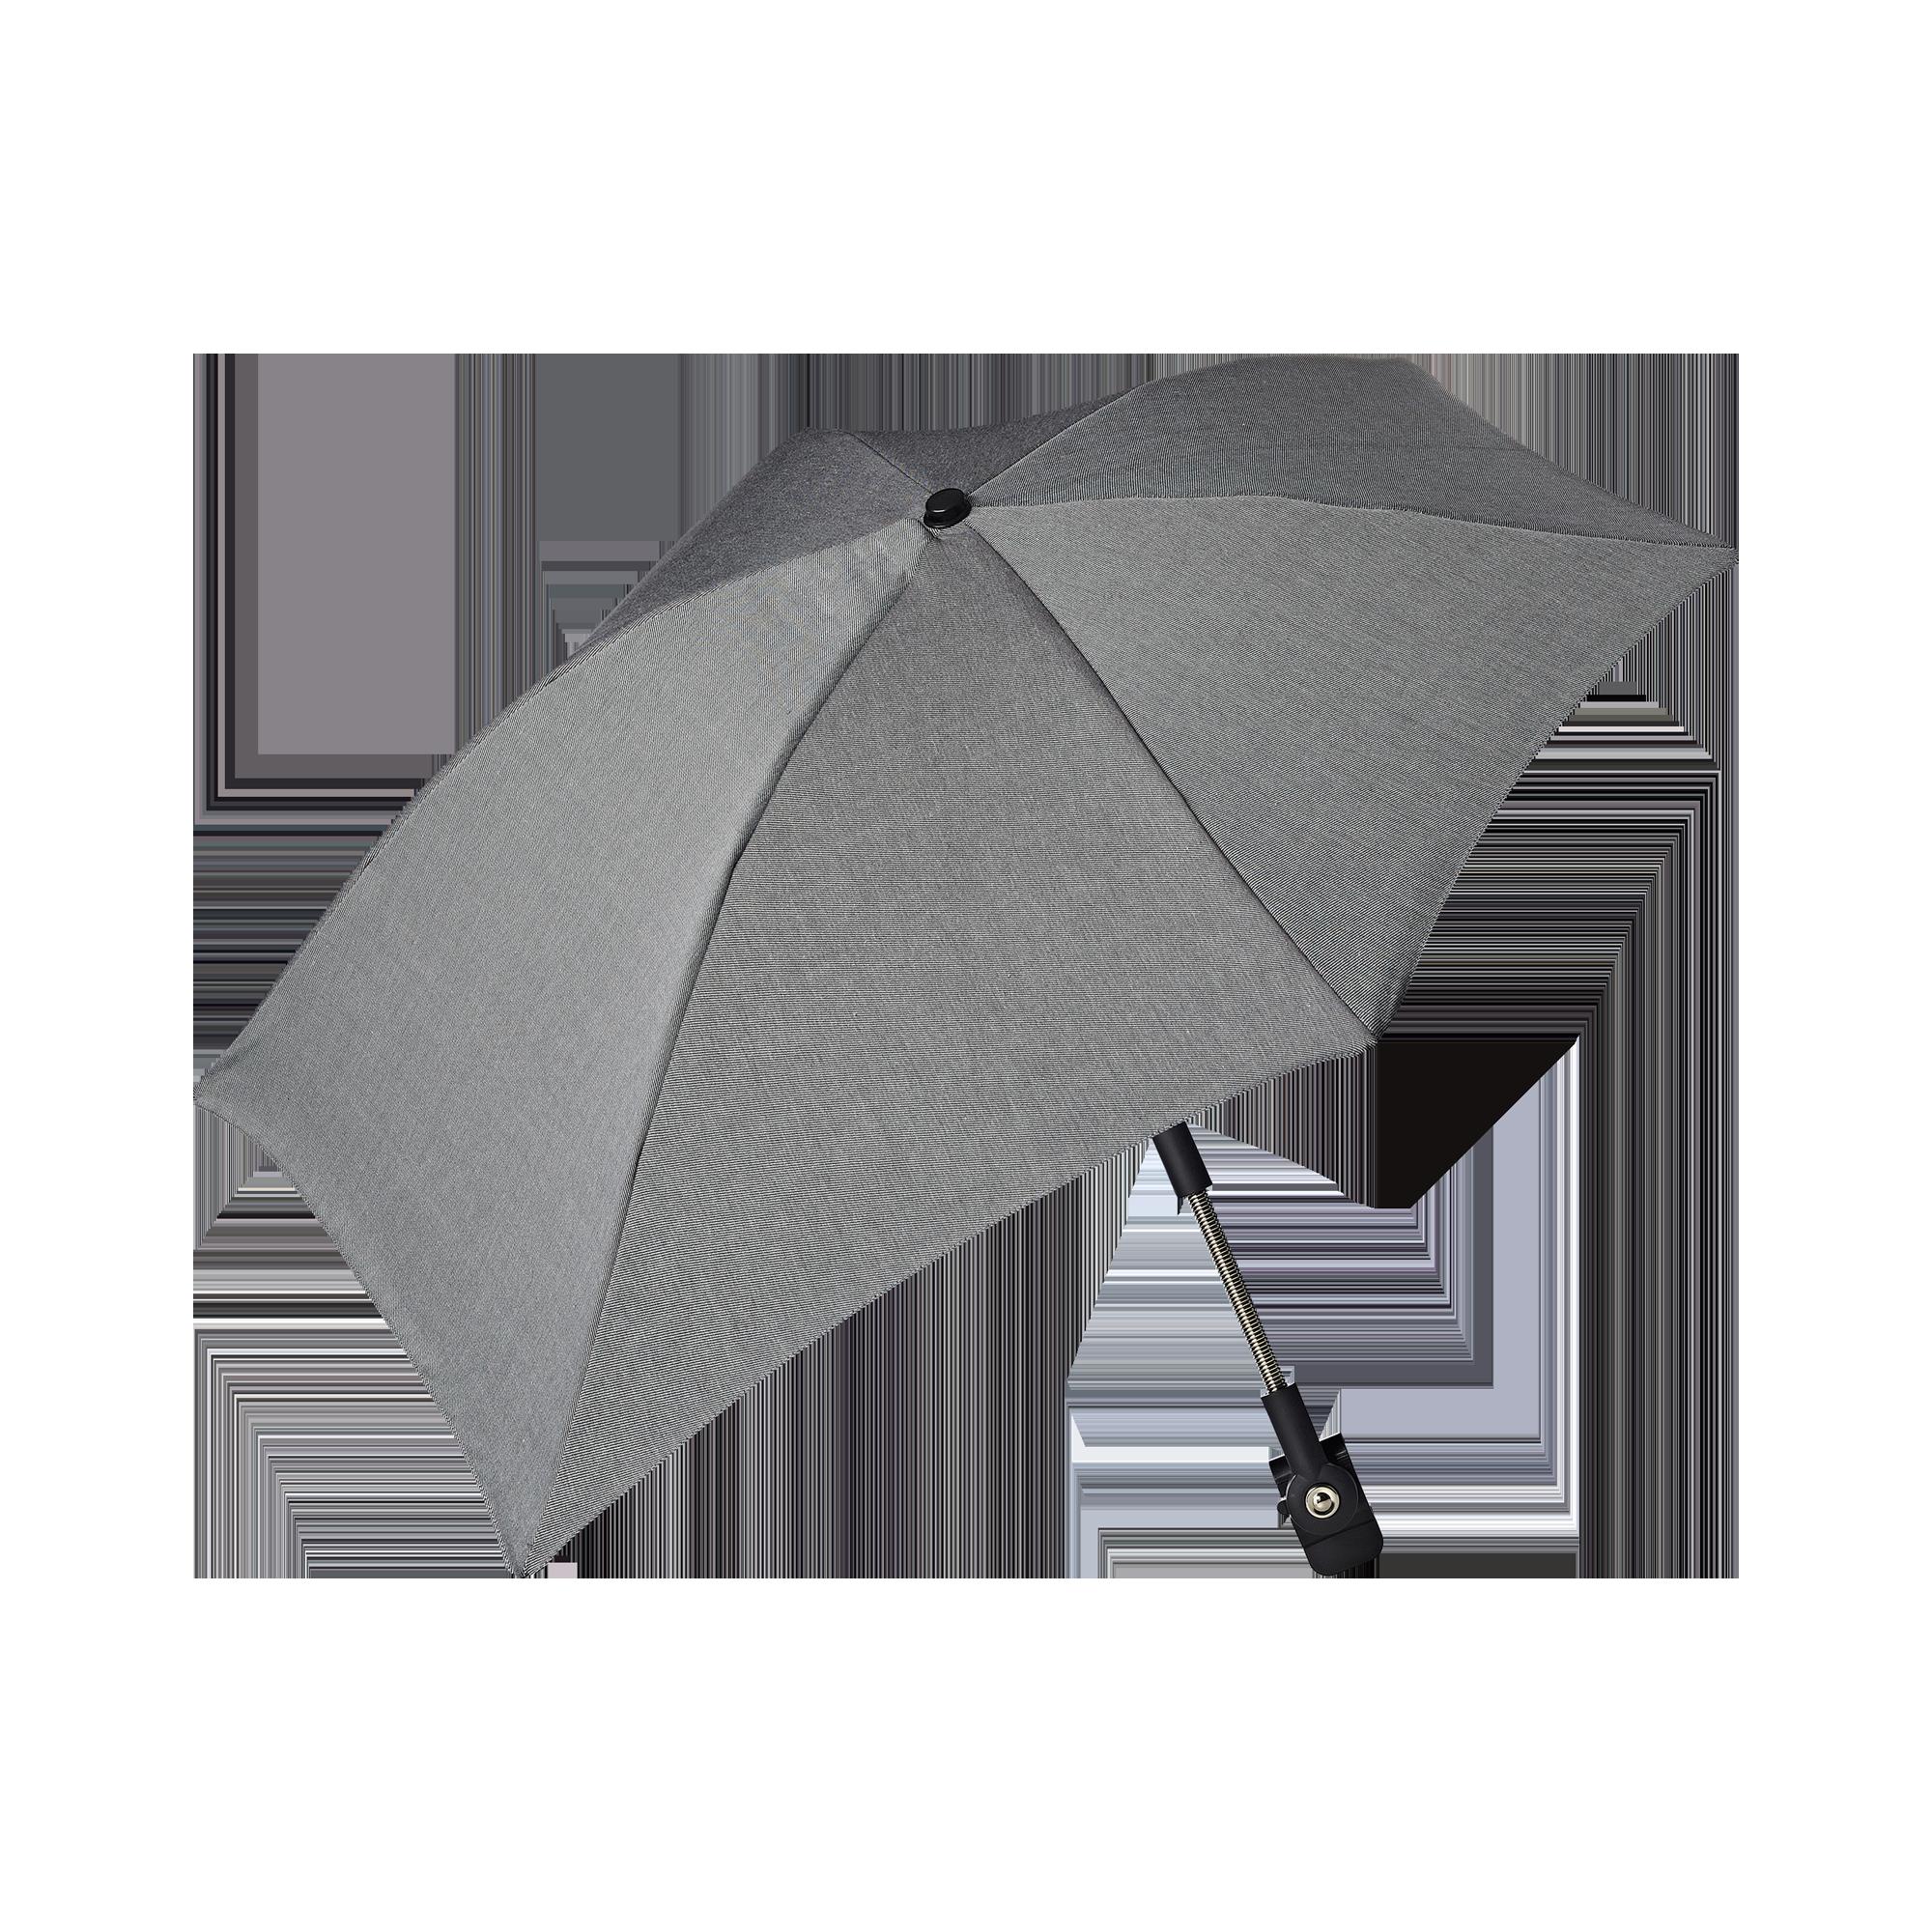 Joolz Joolz Uni Parasol superior grey